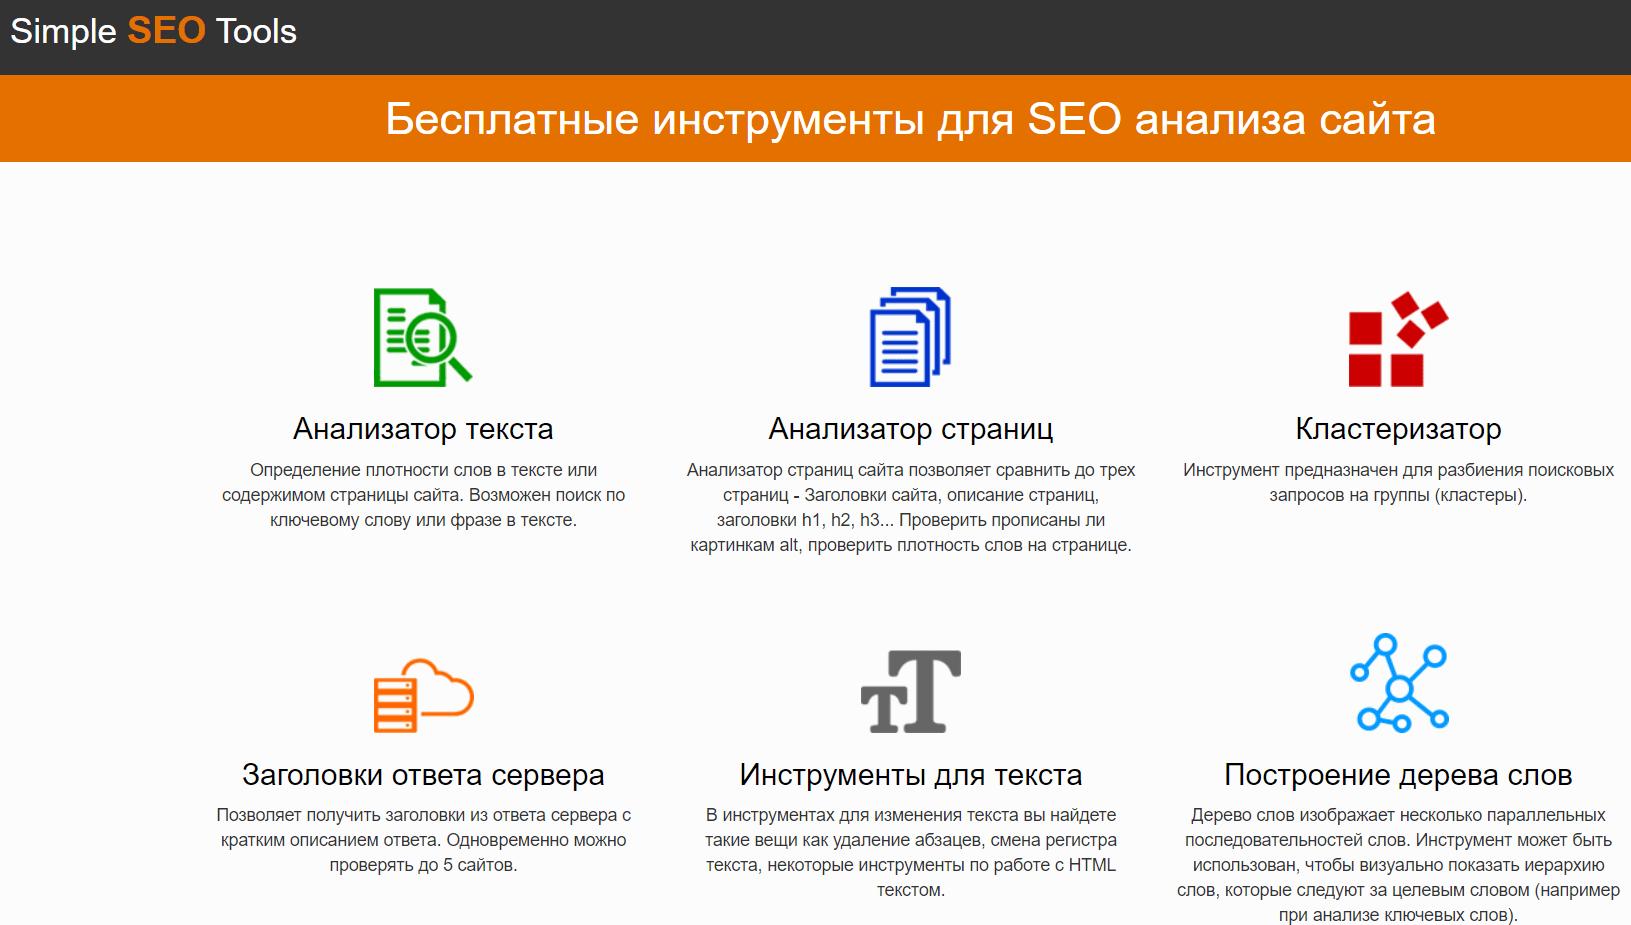 Семантическое ядро для сайта: как можно расширить список запросов